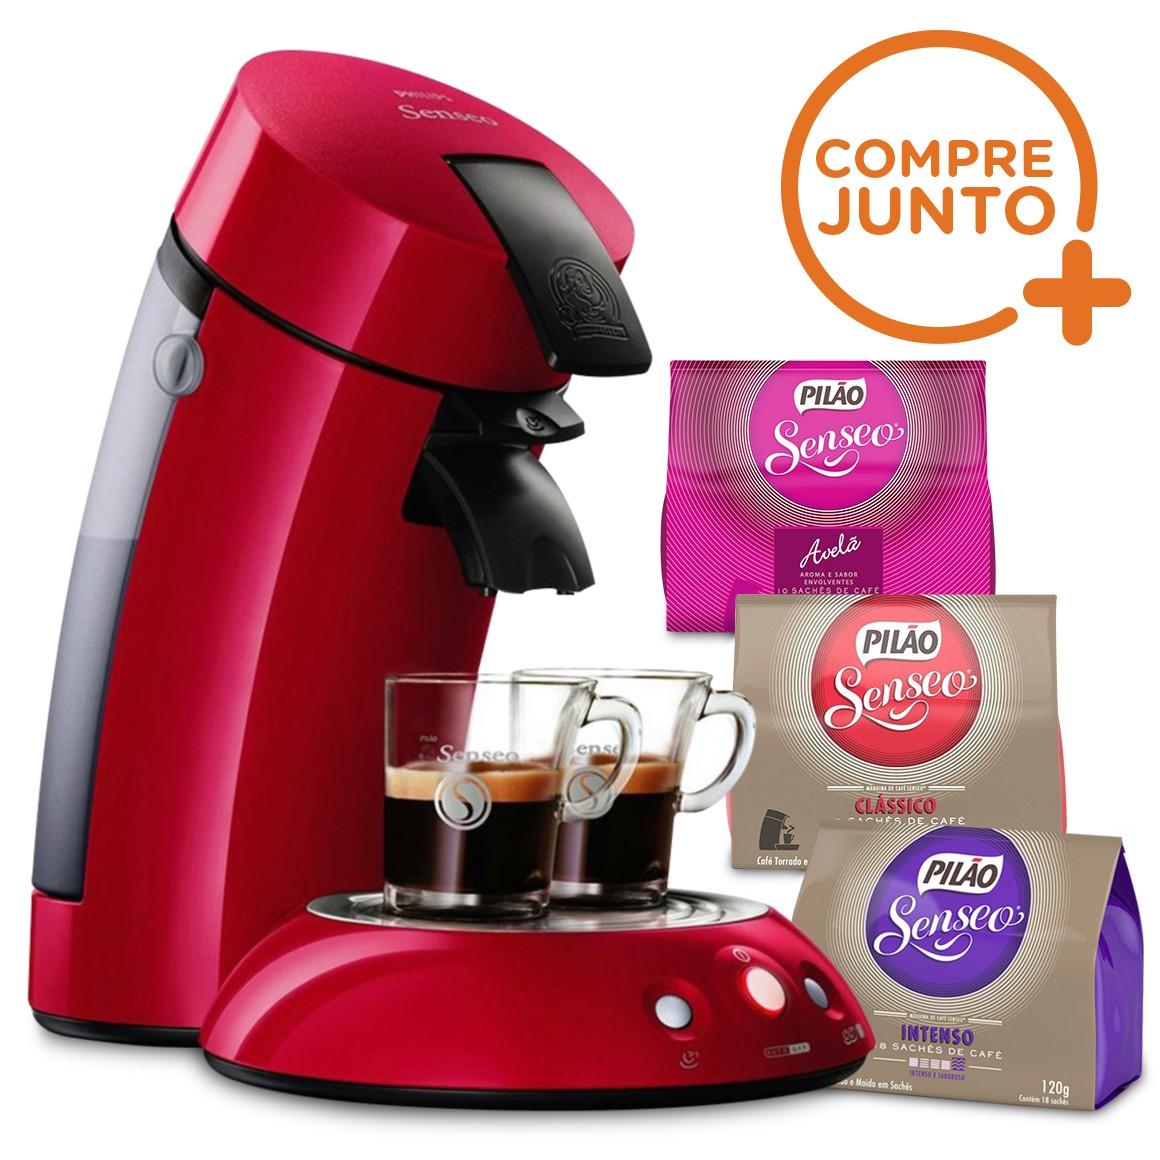 Kit Cafeteira Expresso Philips Senseo 110v Vermelha + 3 tipos de Sachês